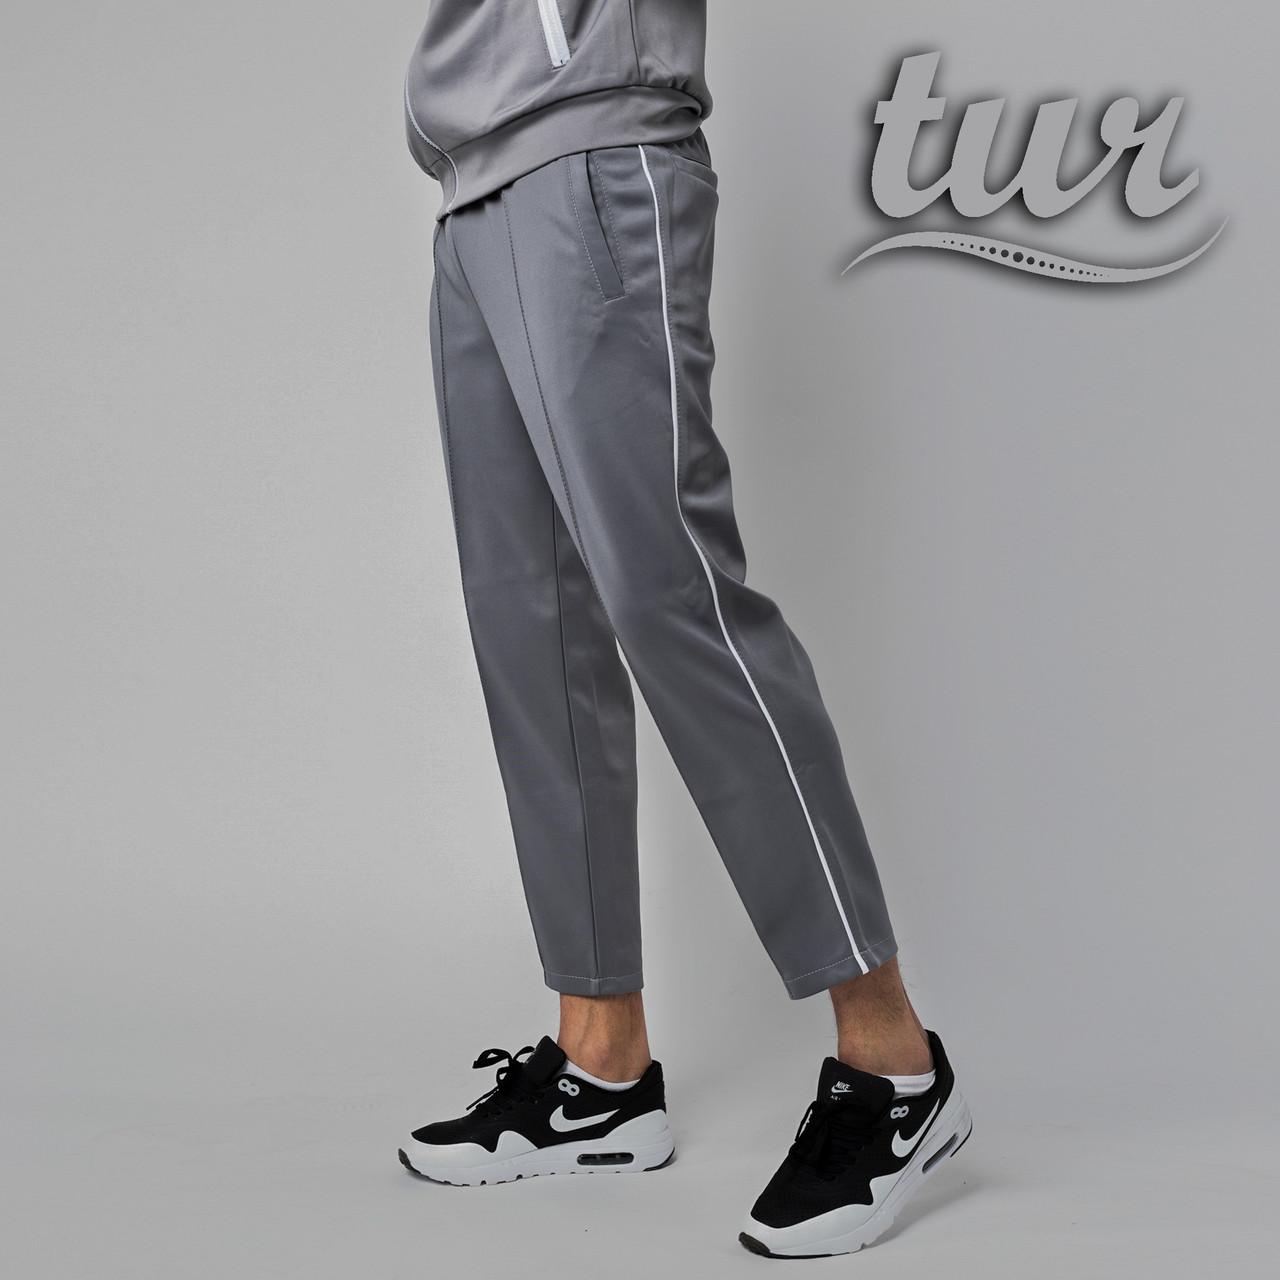 Спортивные штаны мужские серые бренд ТУР модель Кейдж (Cage) размер S, M, L, XL